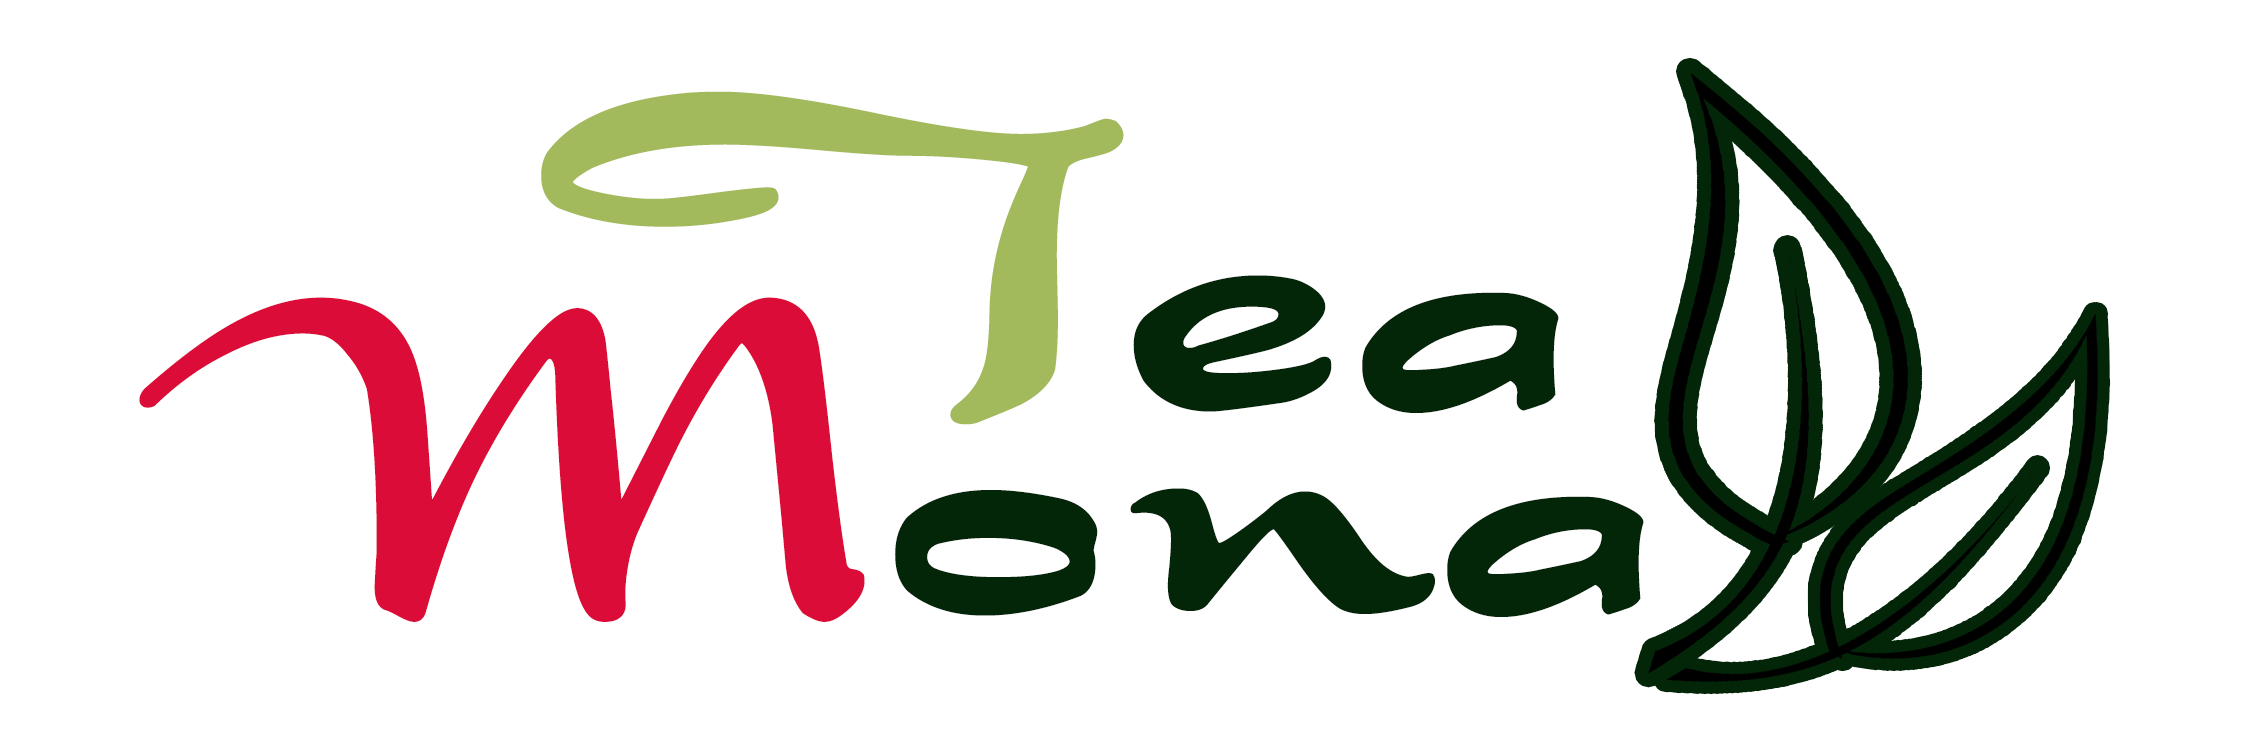 Teamona